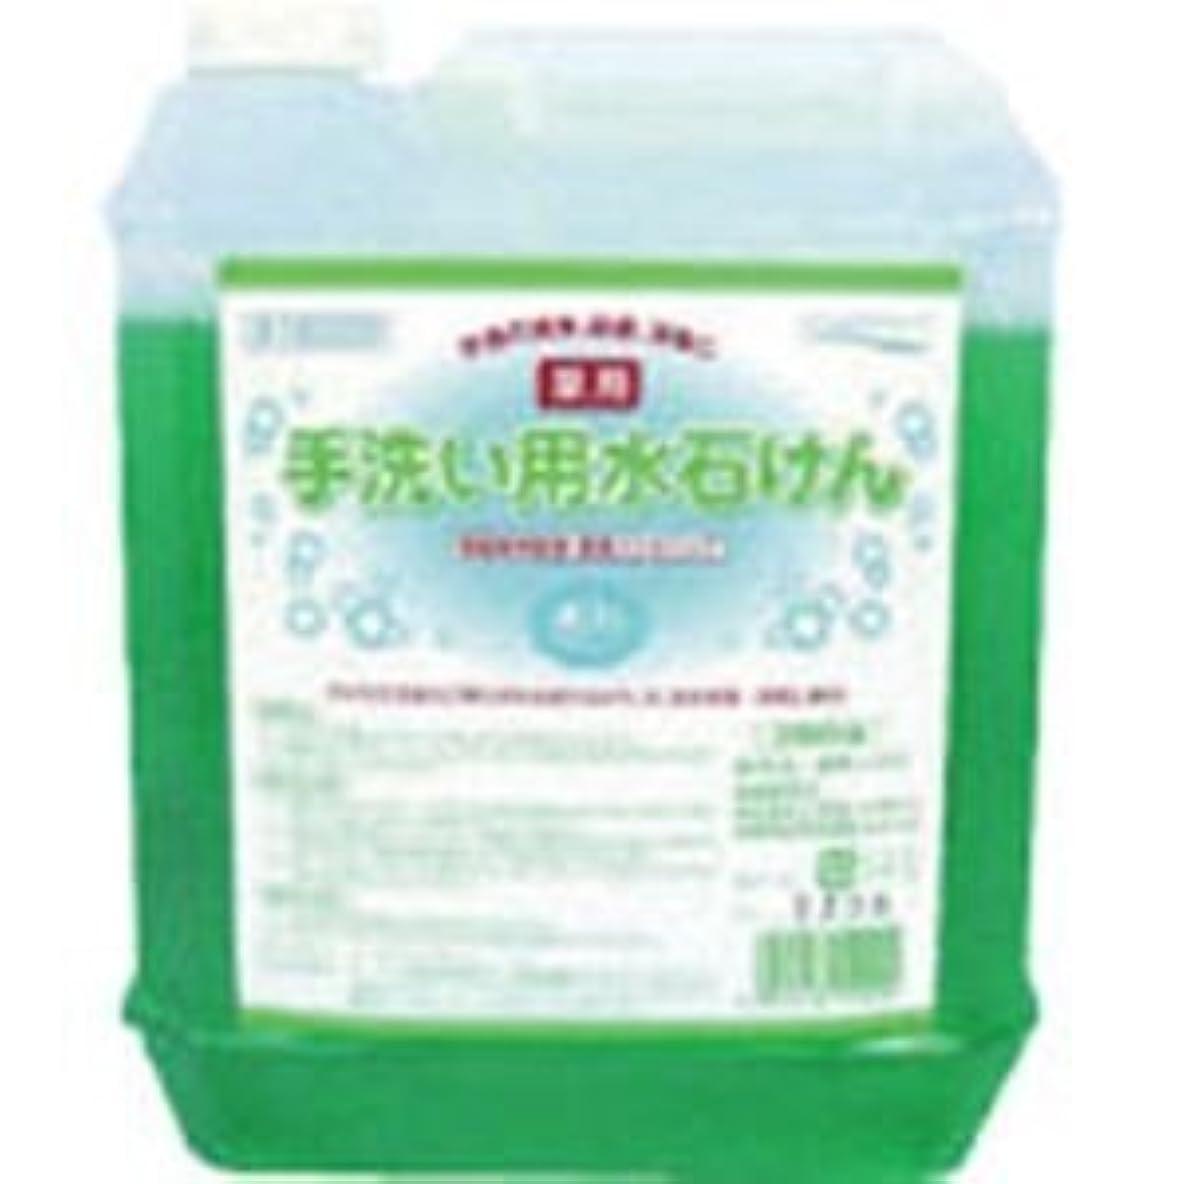 医薬部外品 泡タイプの薬用ハンドソープ 手洗い用水石けん5L×4個セット 15029-4